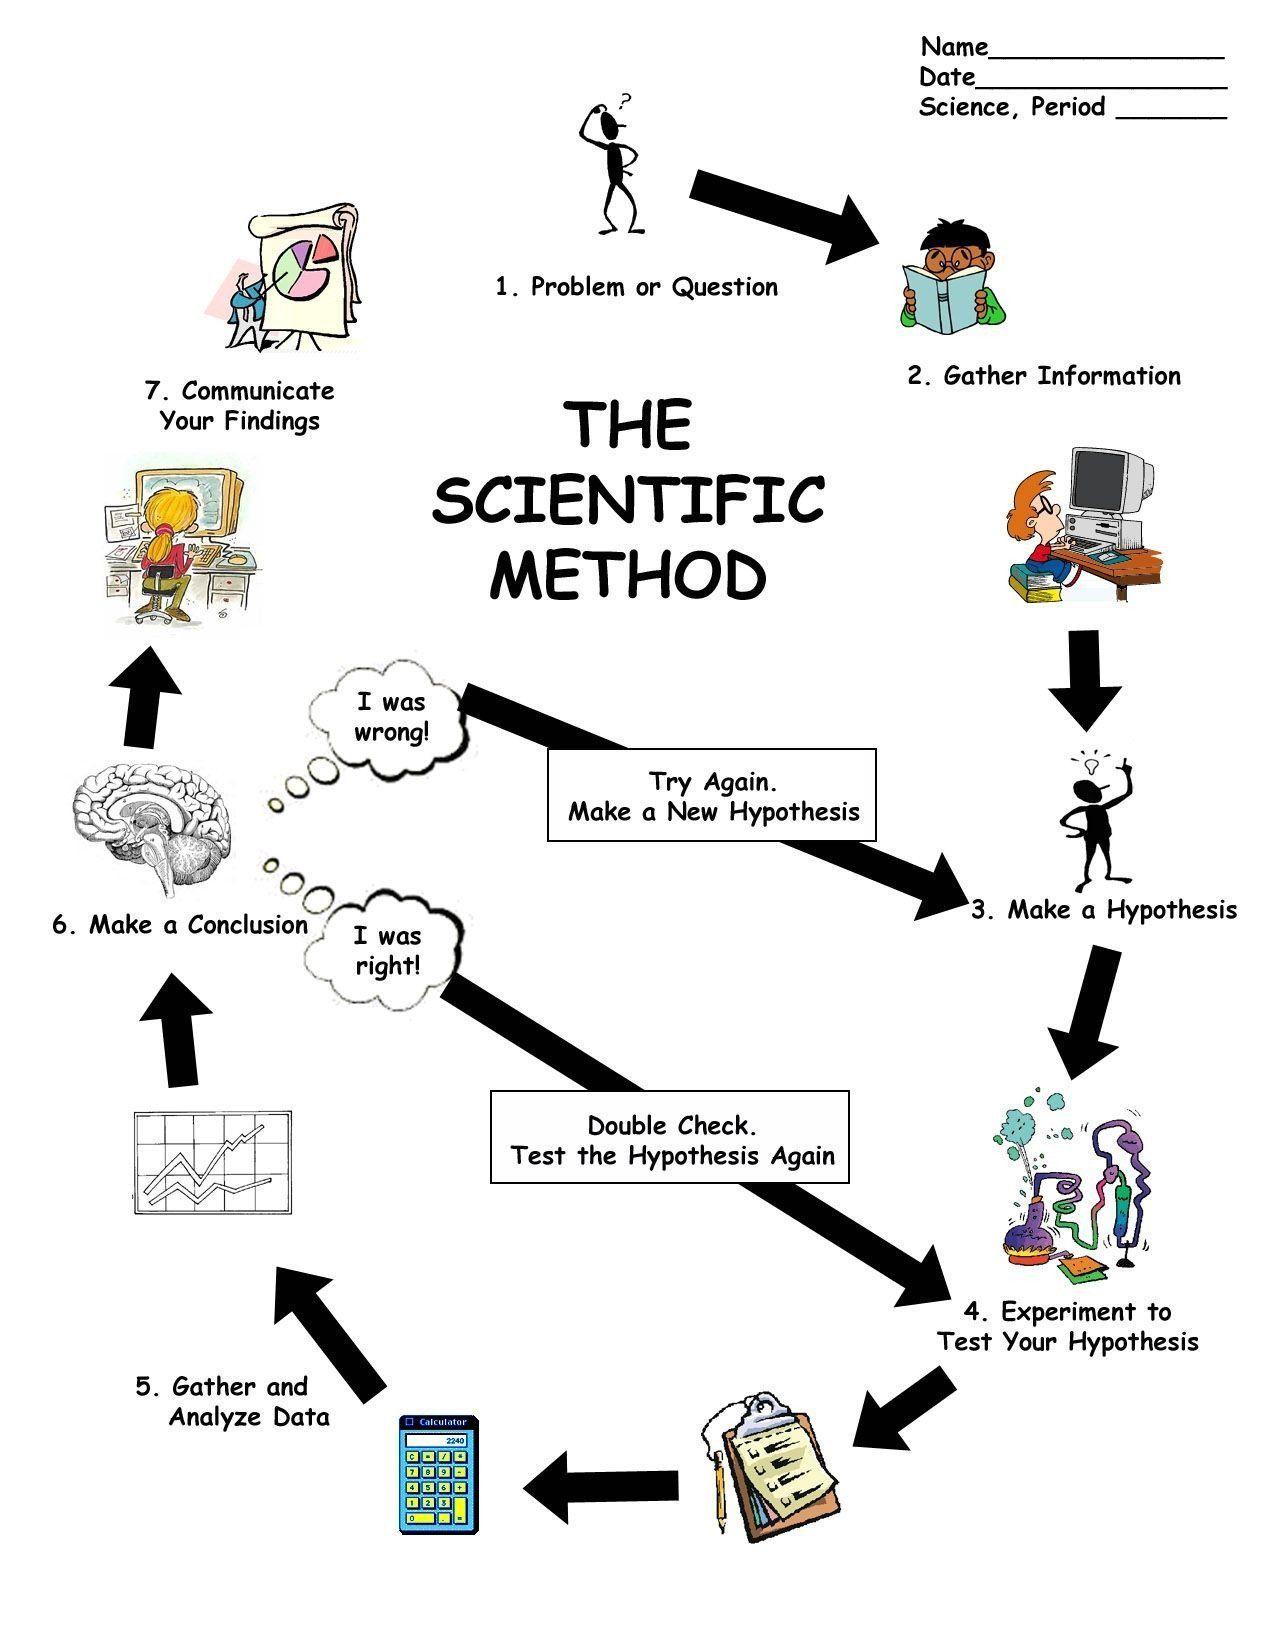 Scientific Method Steps Worksheet 20 Scientific Method Steps Worksheet A Simple Introdu Scientific Method Scientific Method Steps Scientific Method Worksheet